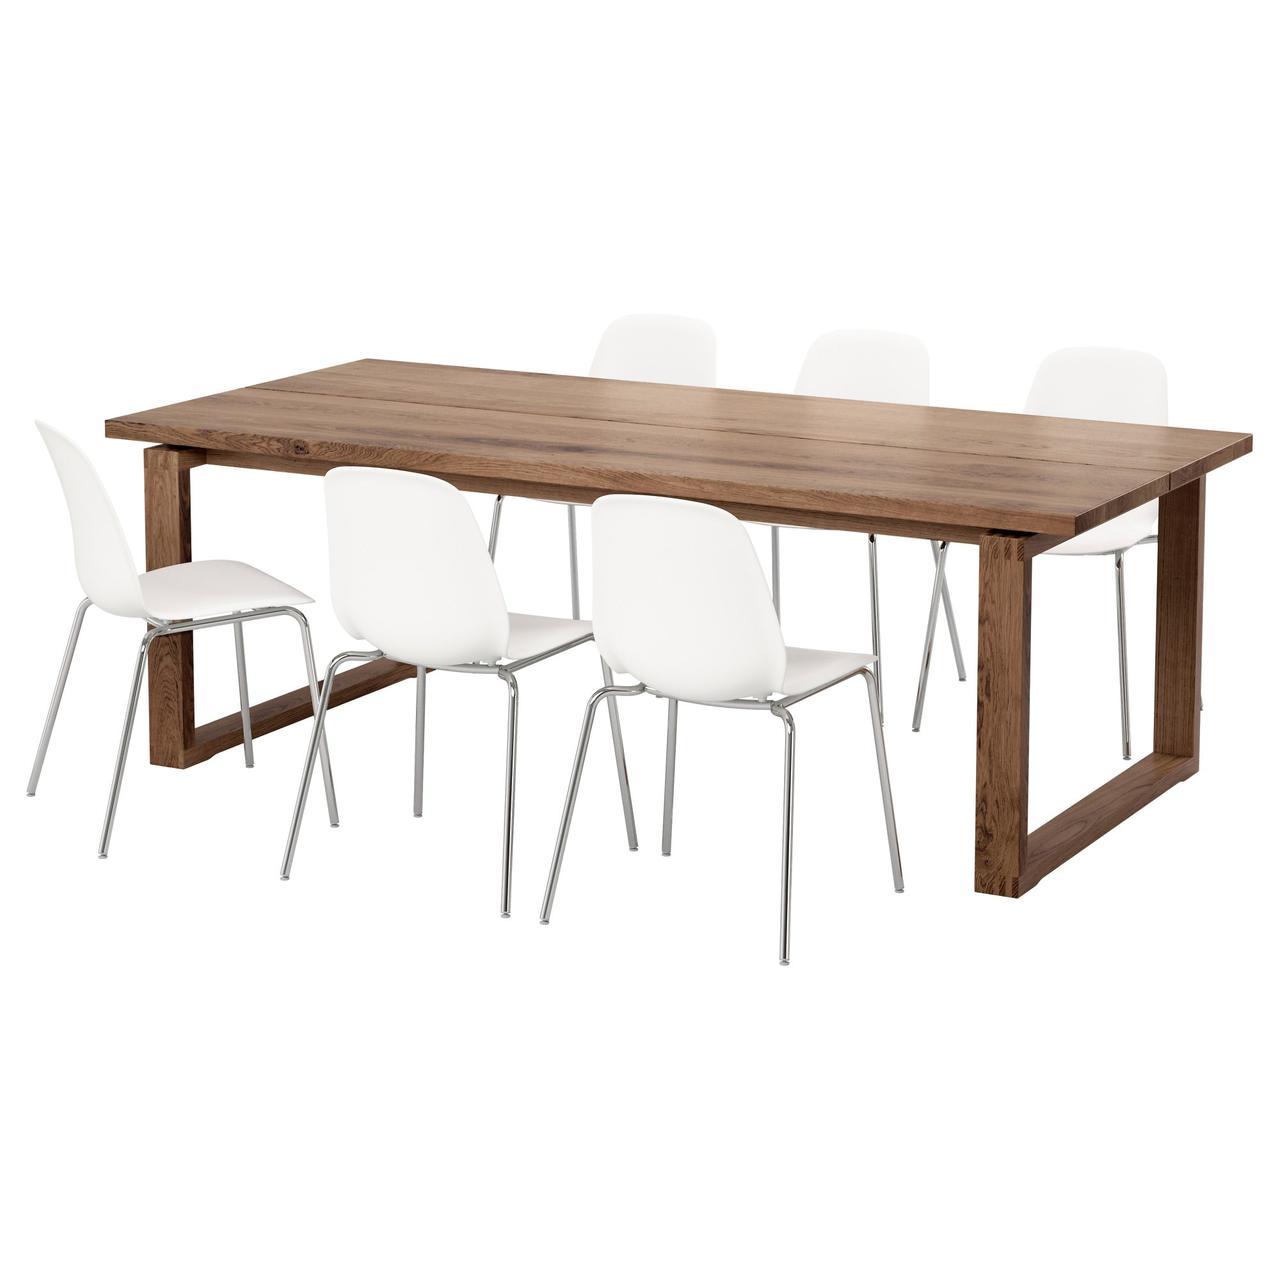 МОРБИЛОНГА / ЛЕЙФ-АРНЕ Стол и 6 стульев, коричневый, белый